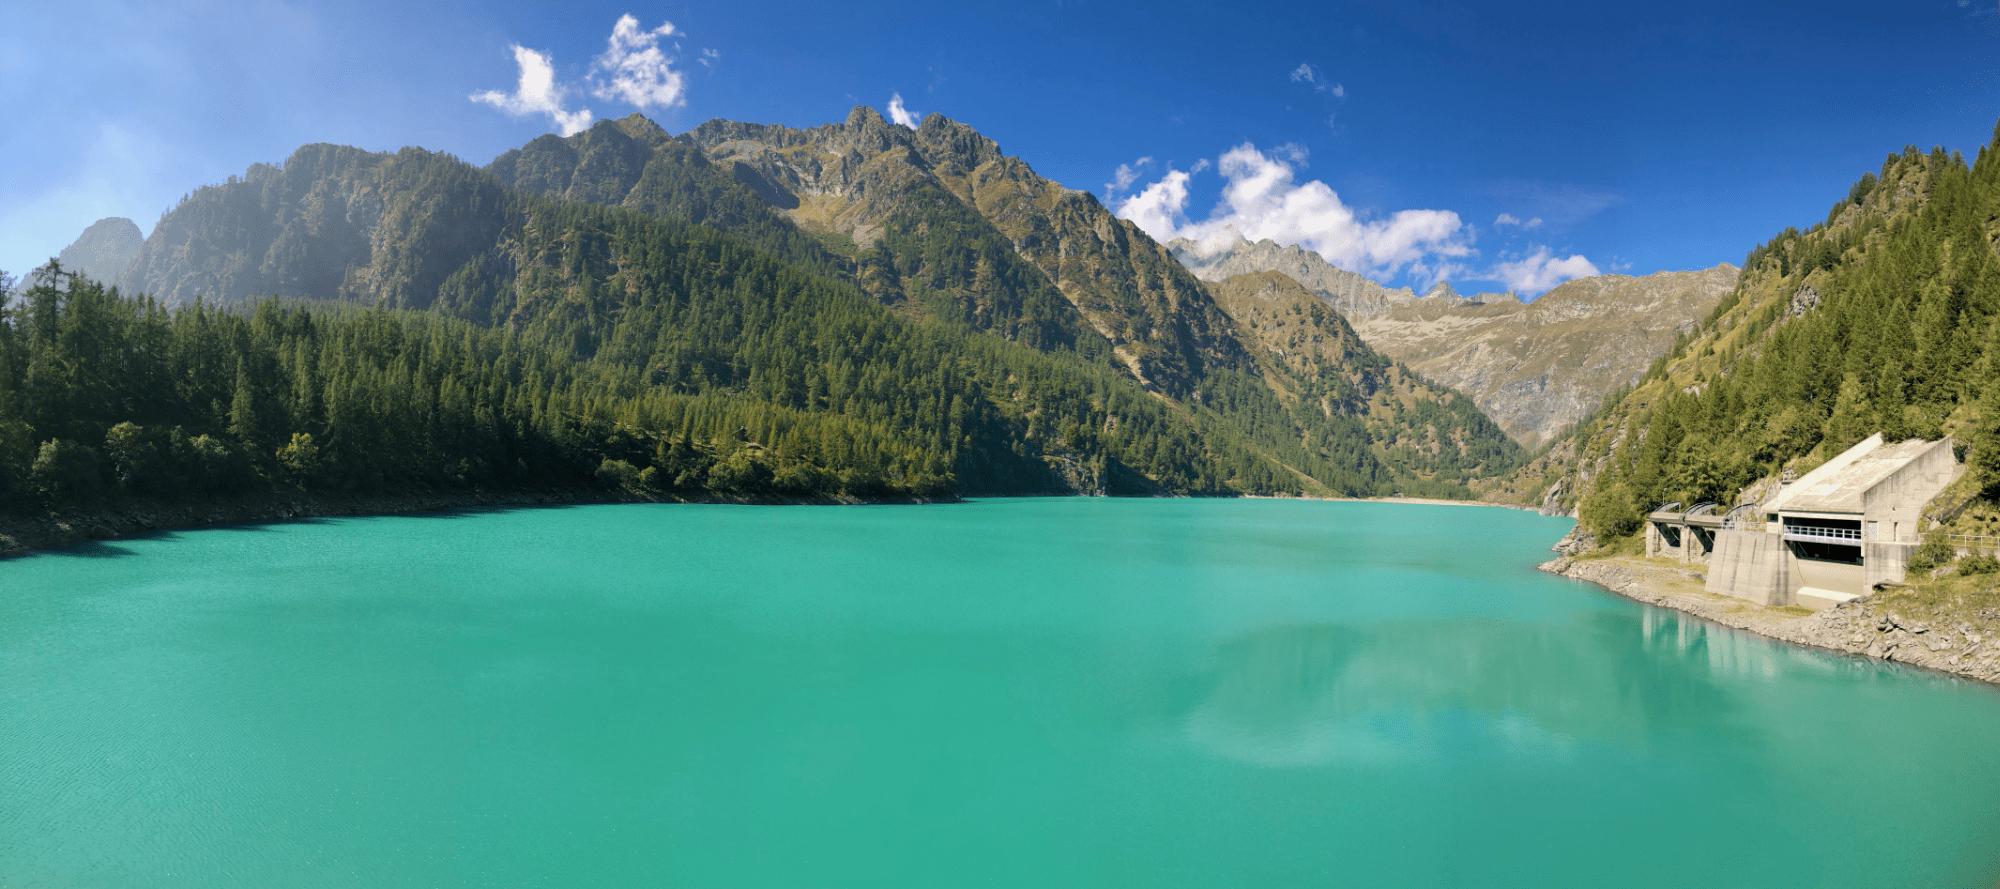 Valle Antrona: trail di fine estate intorno al Lago dei Cavalli